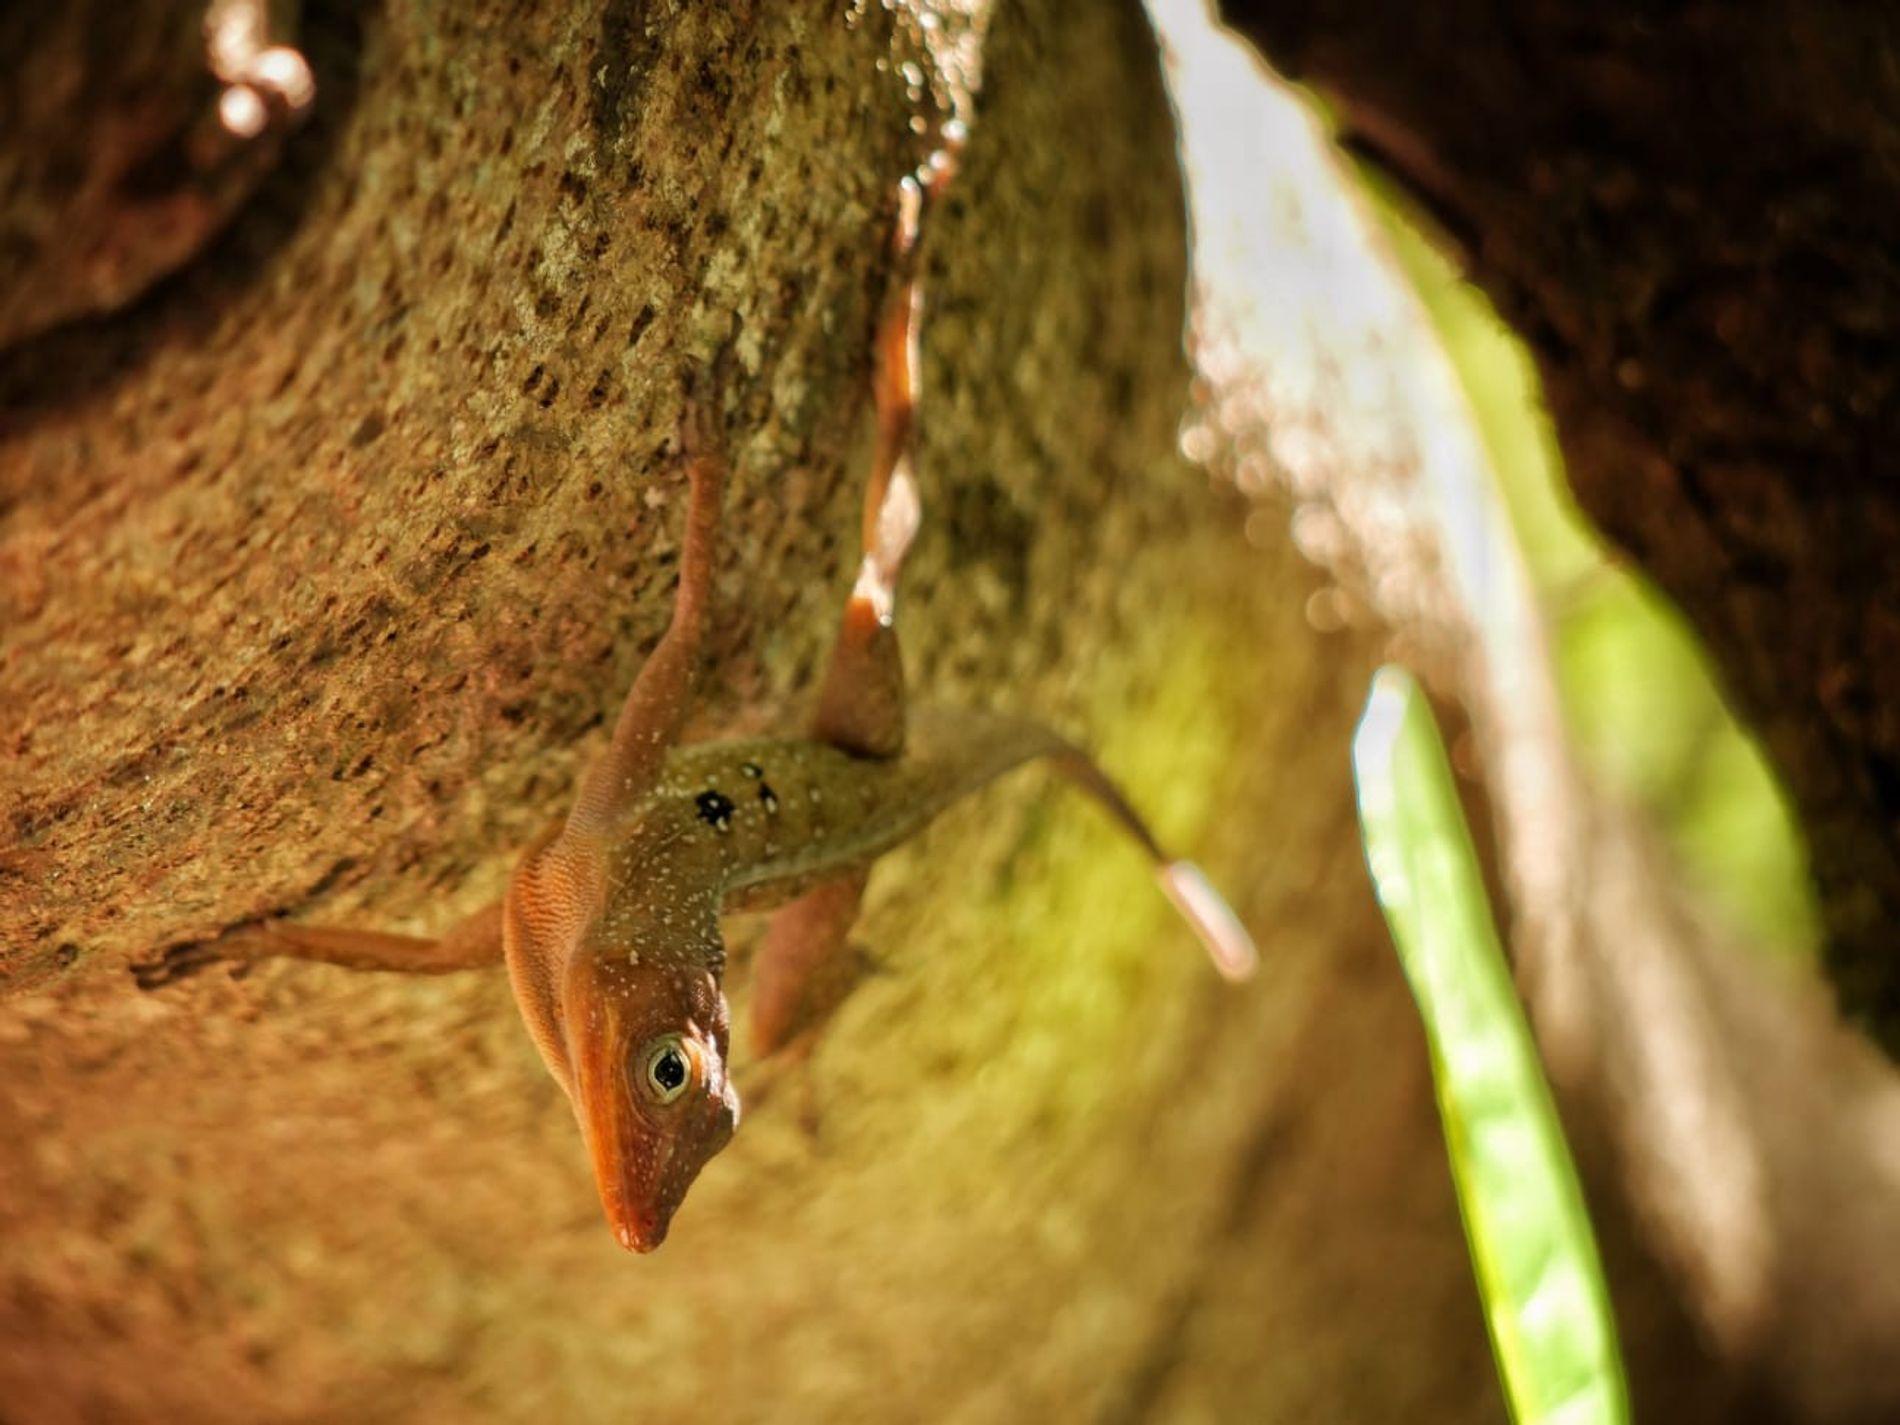 L'Anolis oculatus, lézard endémique de l'île Dominique, cohabite avec une autre espèce d'anoles intrusive, l'Anolis cristatellus. ...